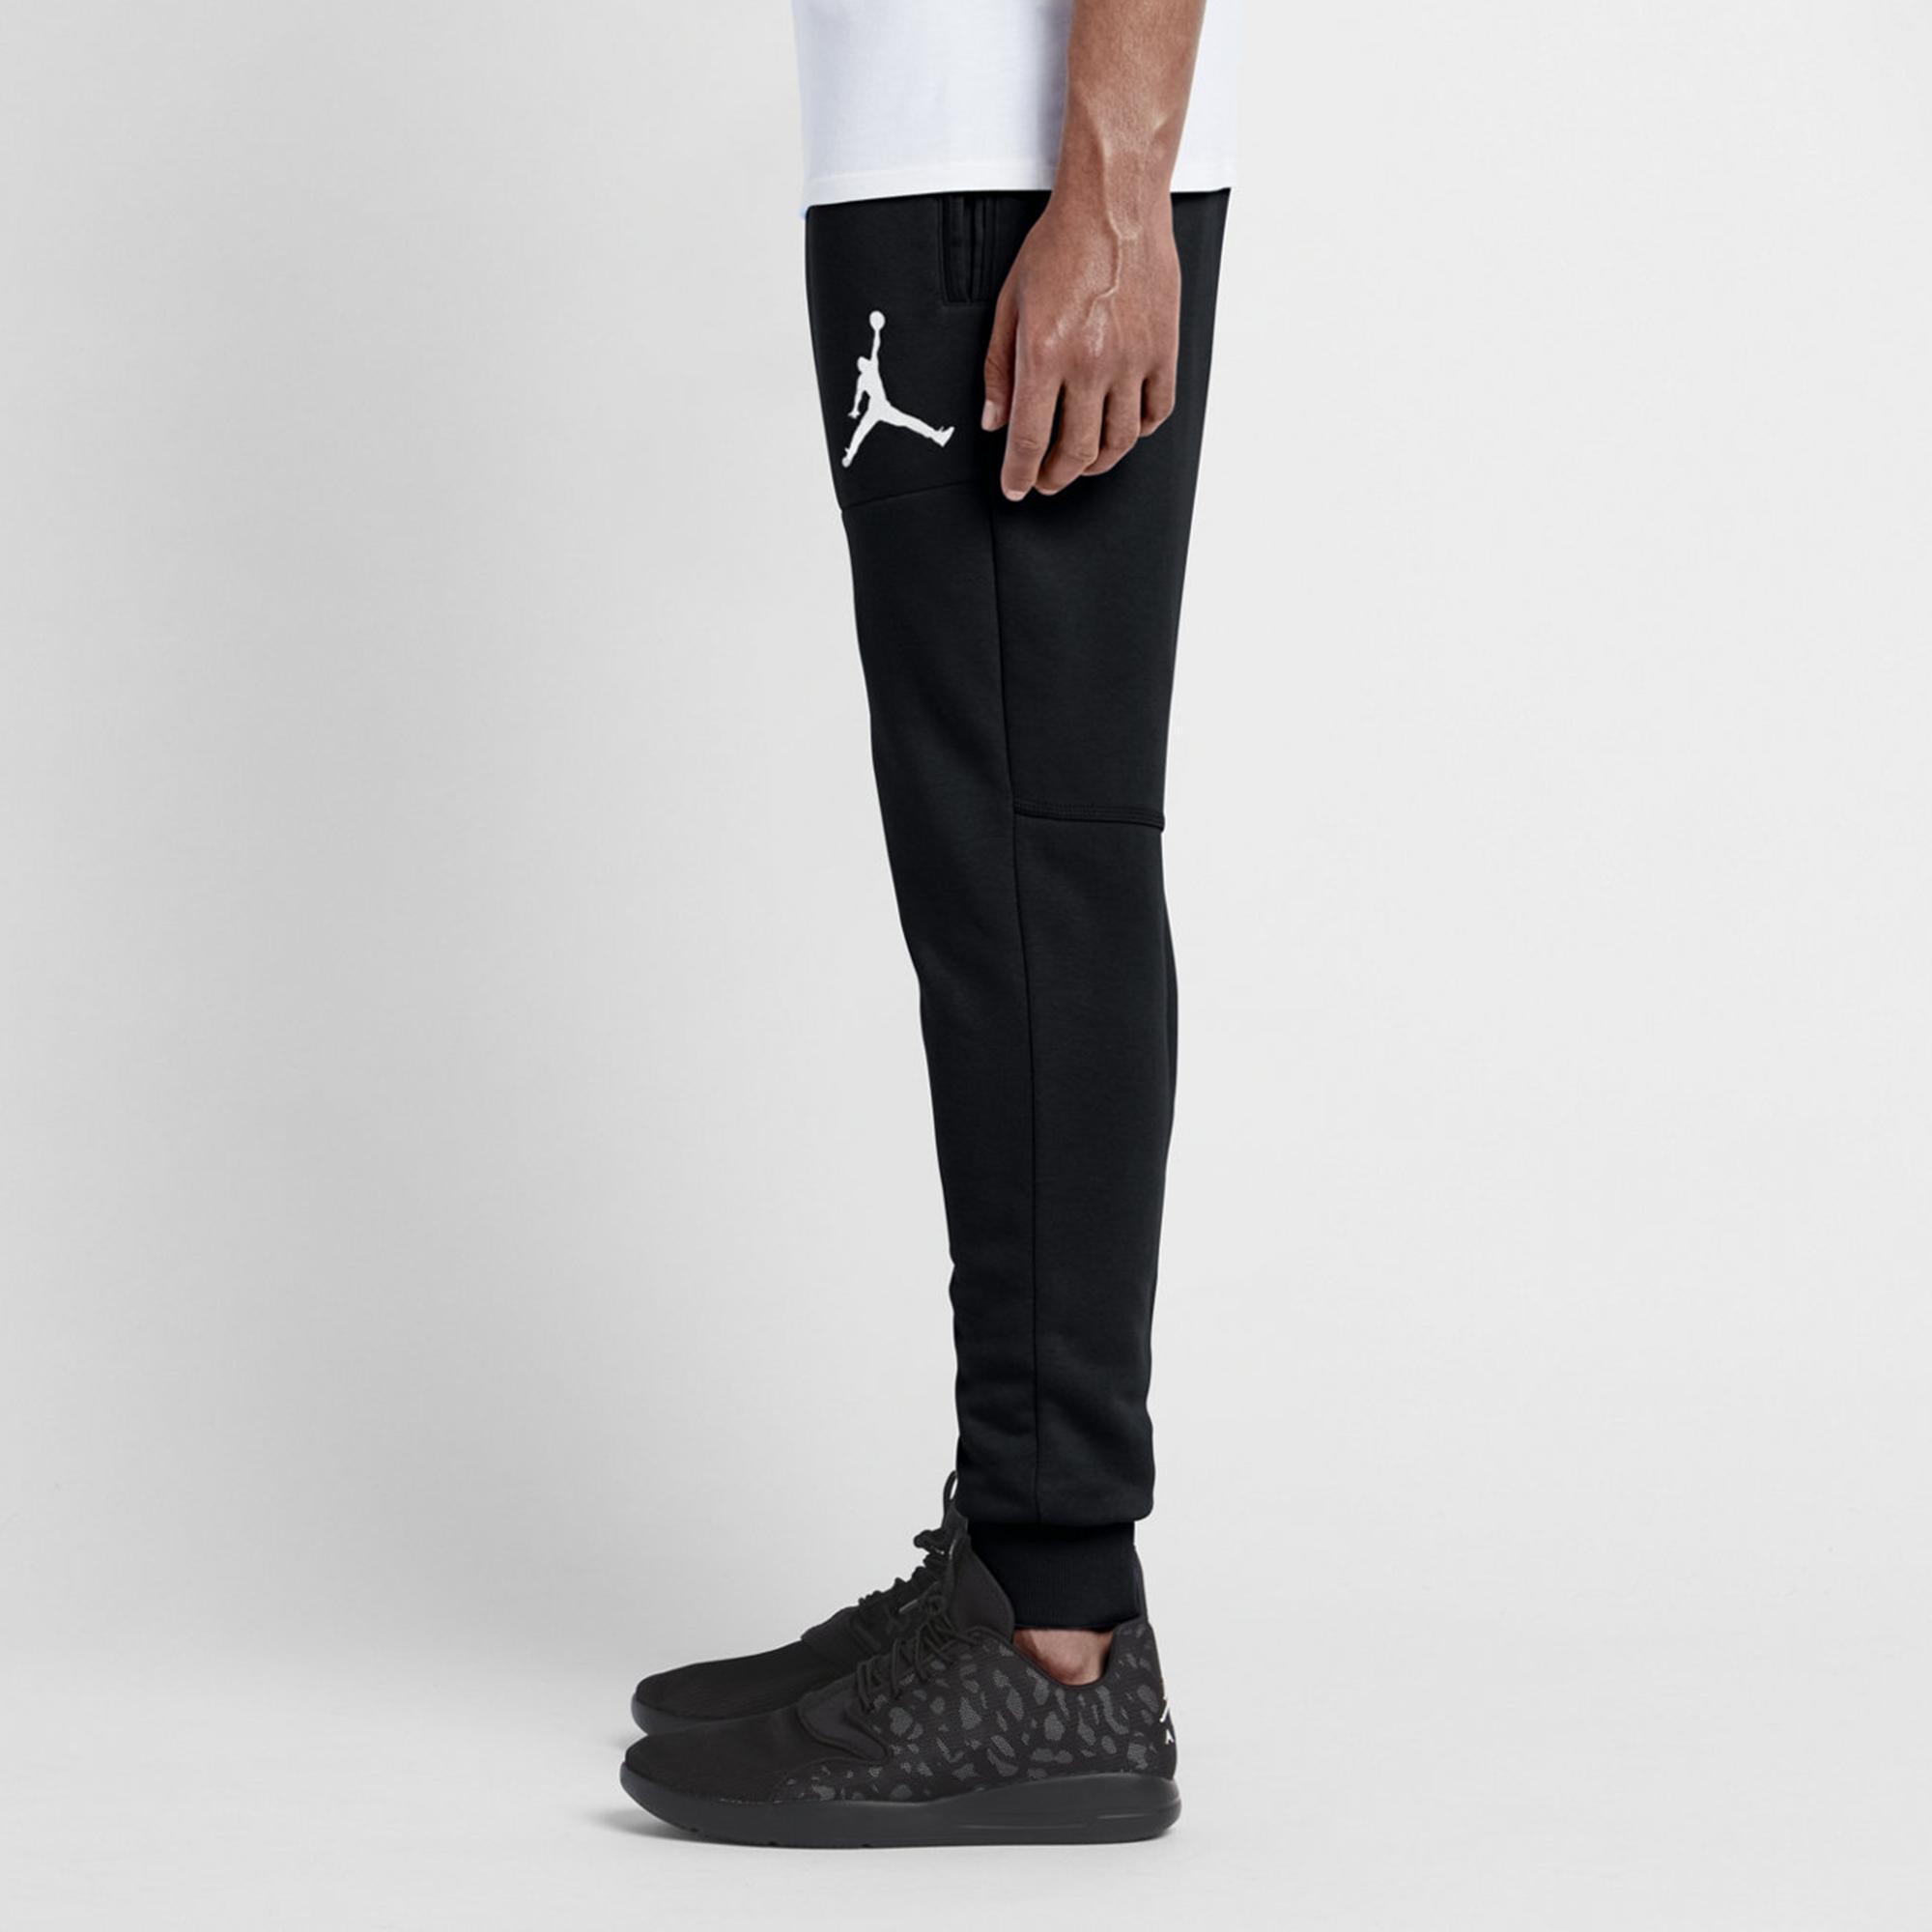 b0ec5d32f00ecc Nike Jordan Varsity Sweatpants Erkek Tek Alt  689016-010 - Barcin.com